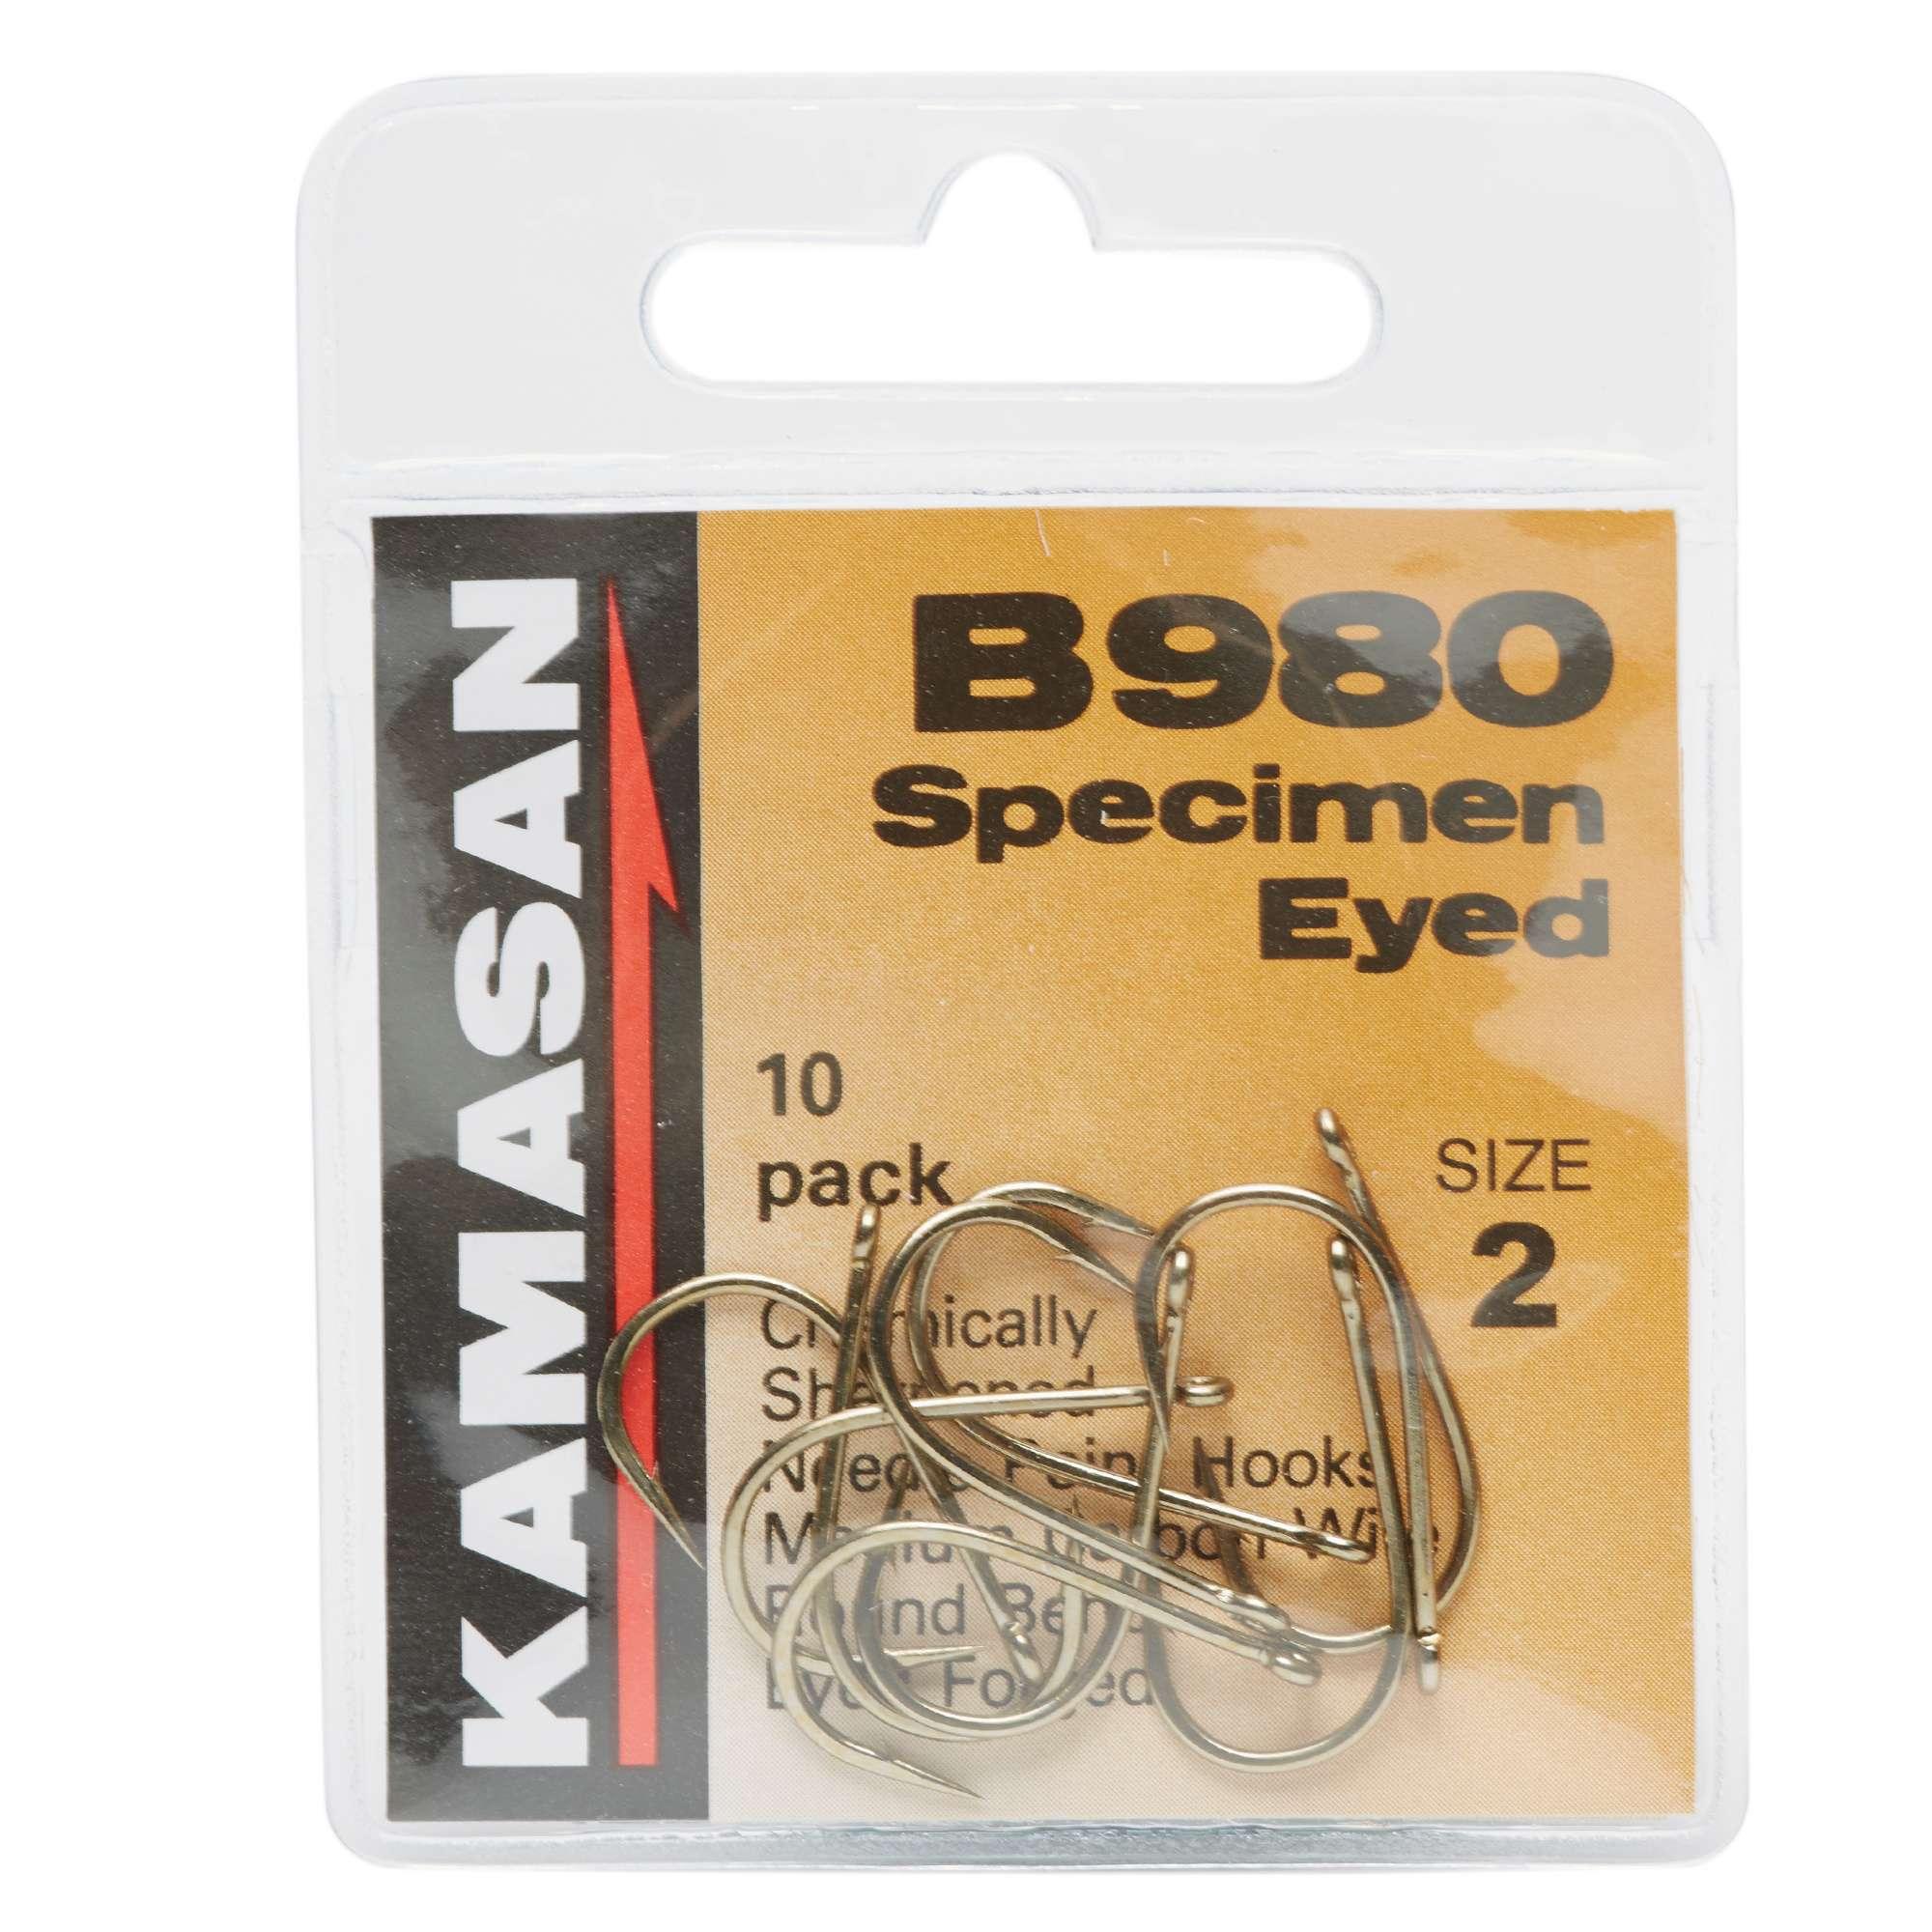 KAMASAN B980 Barbed Specimen Eyed Hooks - Size 2